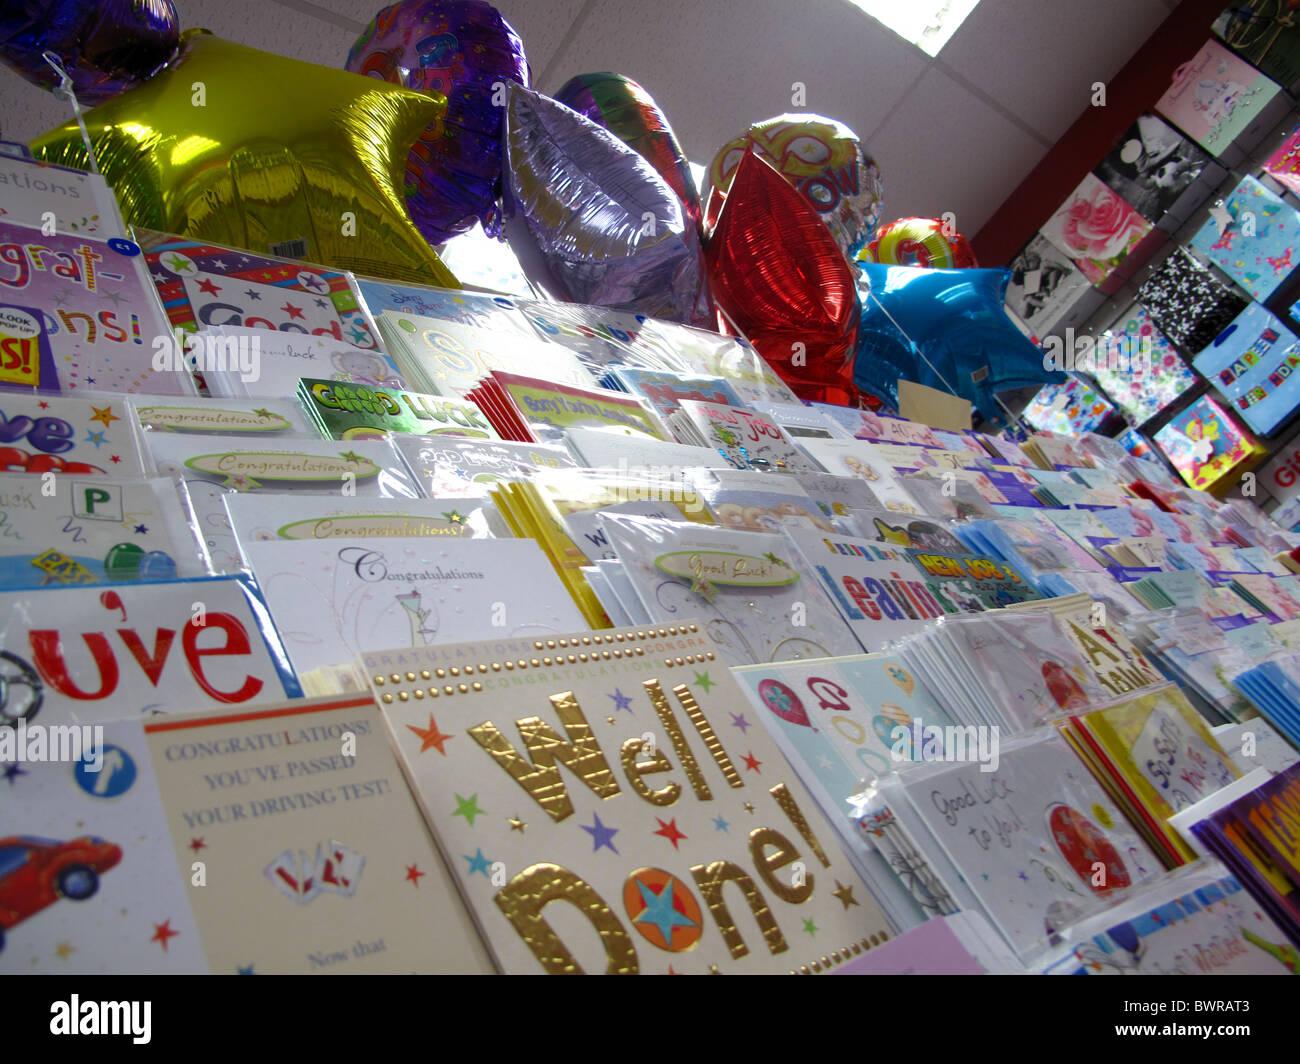 Greeting Card Rack Stock Photos Greeting Card Rack Stock Images